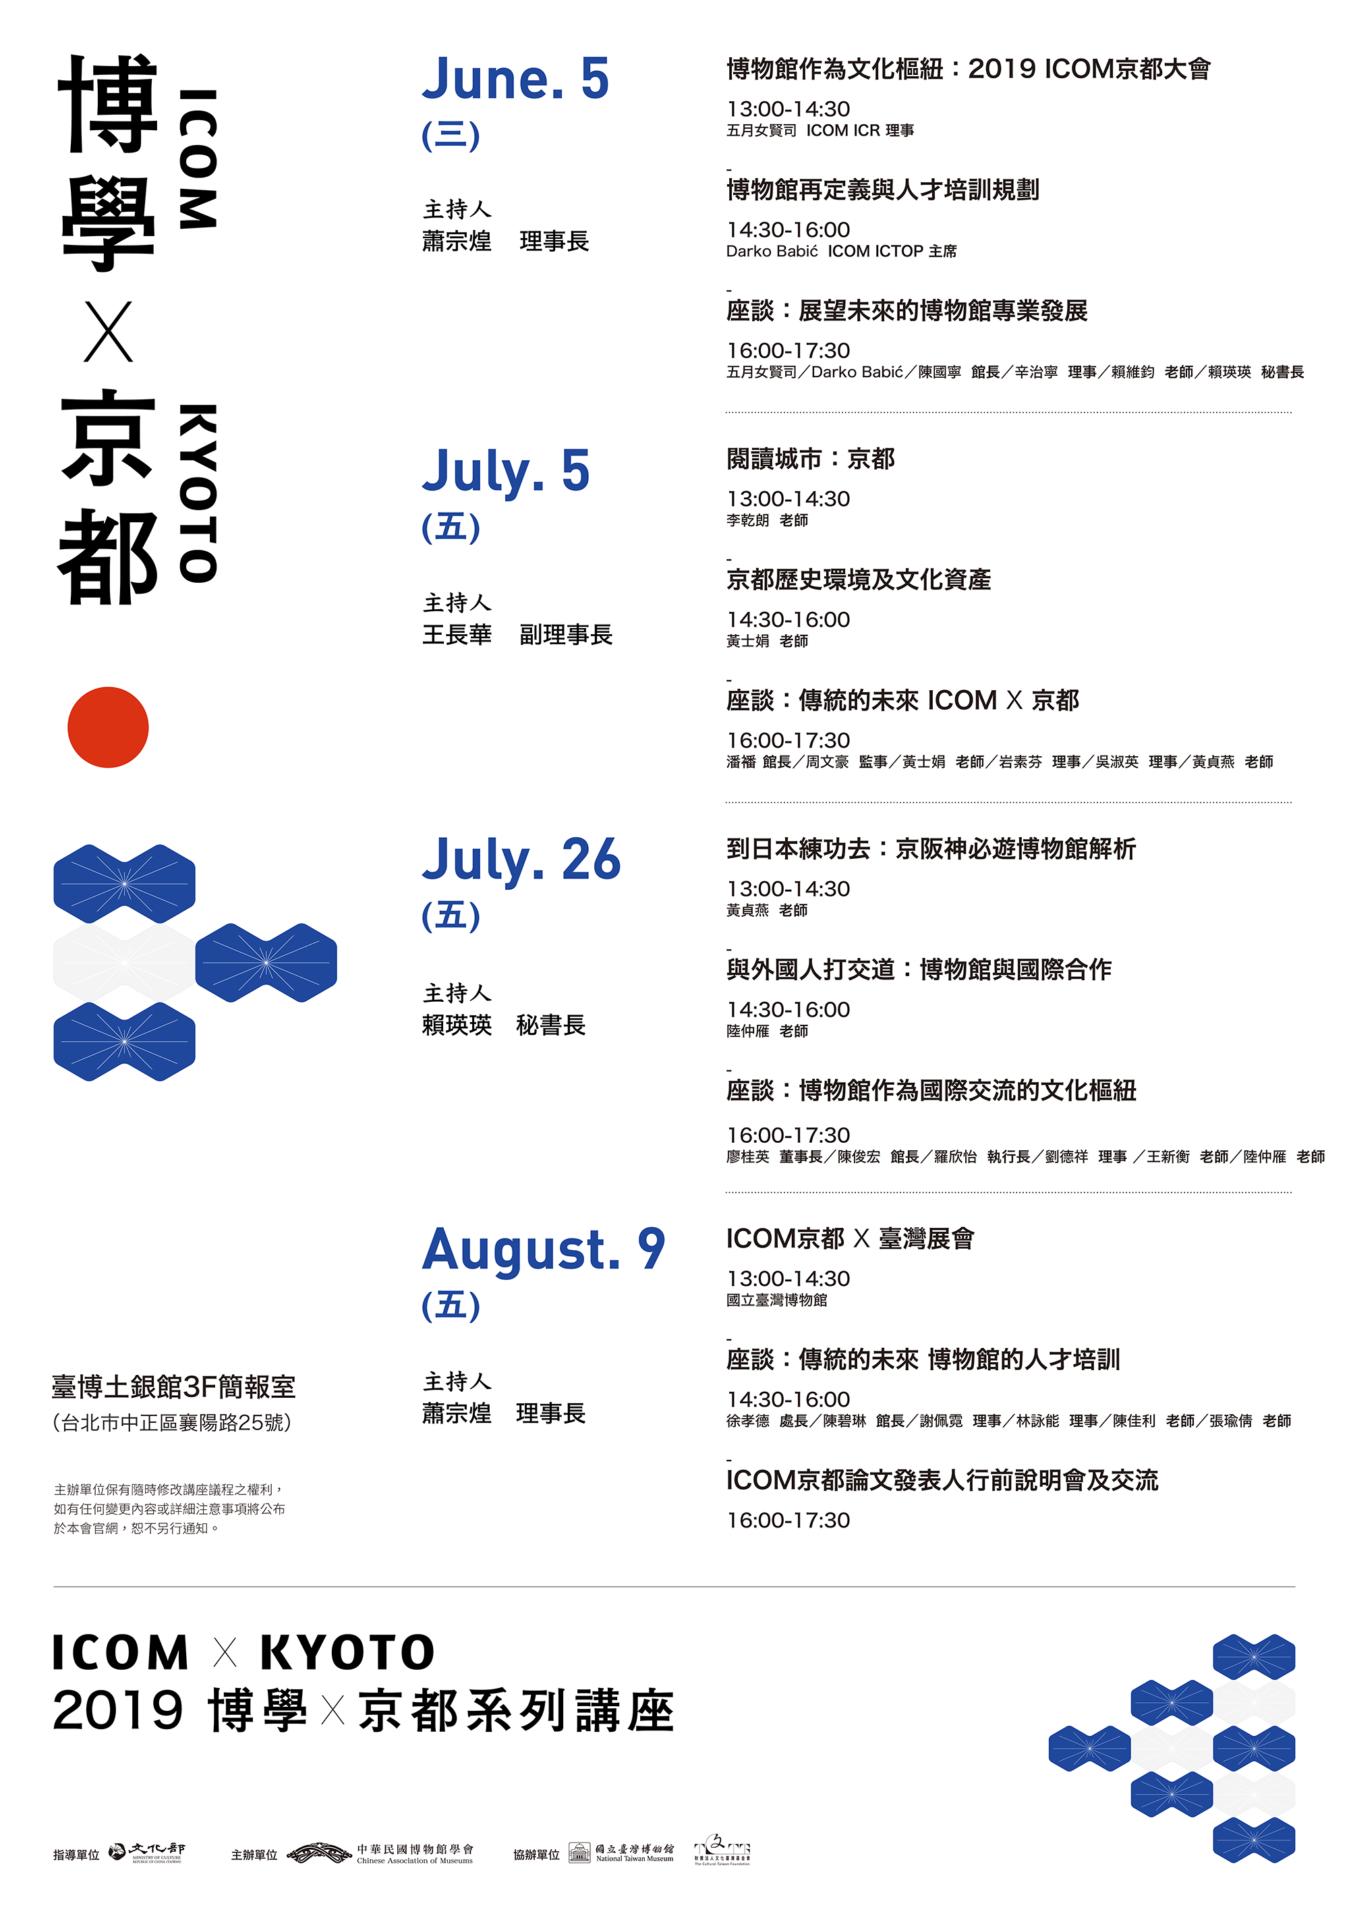 【講座取消公告 】原訂08/09之「博學.京都」系列講座因颱風取消